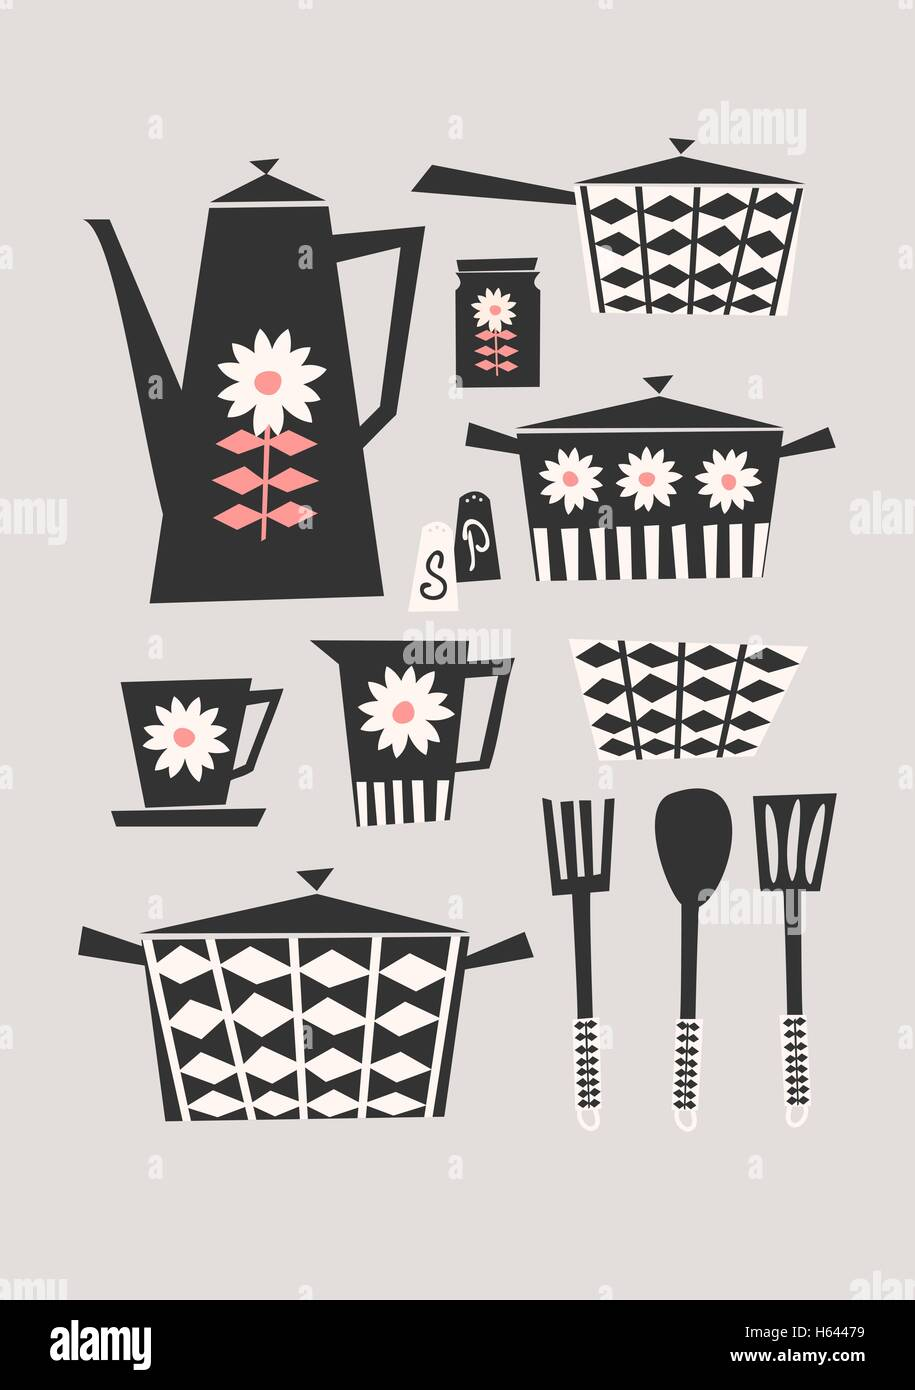 Mitte Des Jahrhunderts Stil Darstellung Eines Satzes Von Küchenutensilien  In Schwarz, Pastell Rosa Und Creme Auf Taupe Hintergrund. Stilvoll Und  Modern